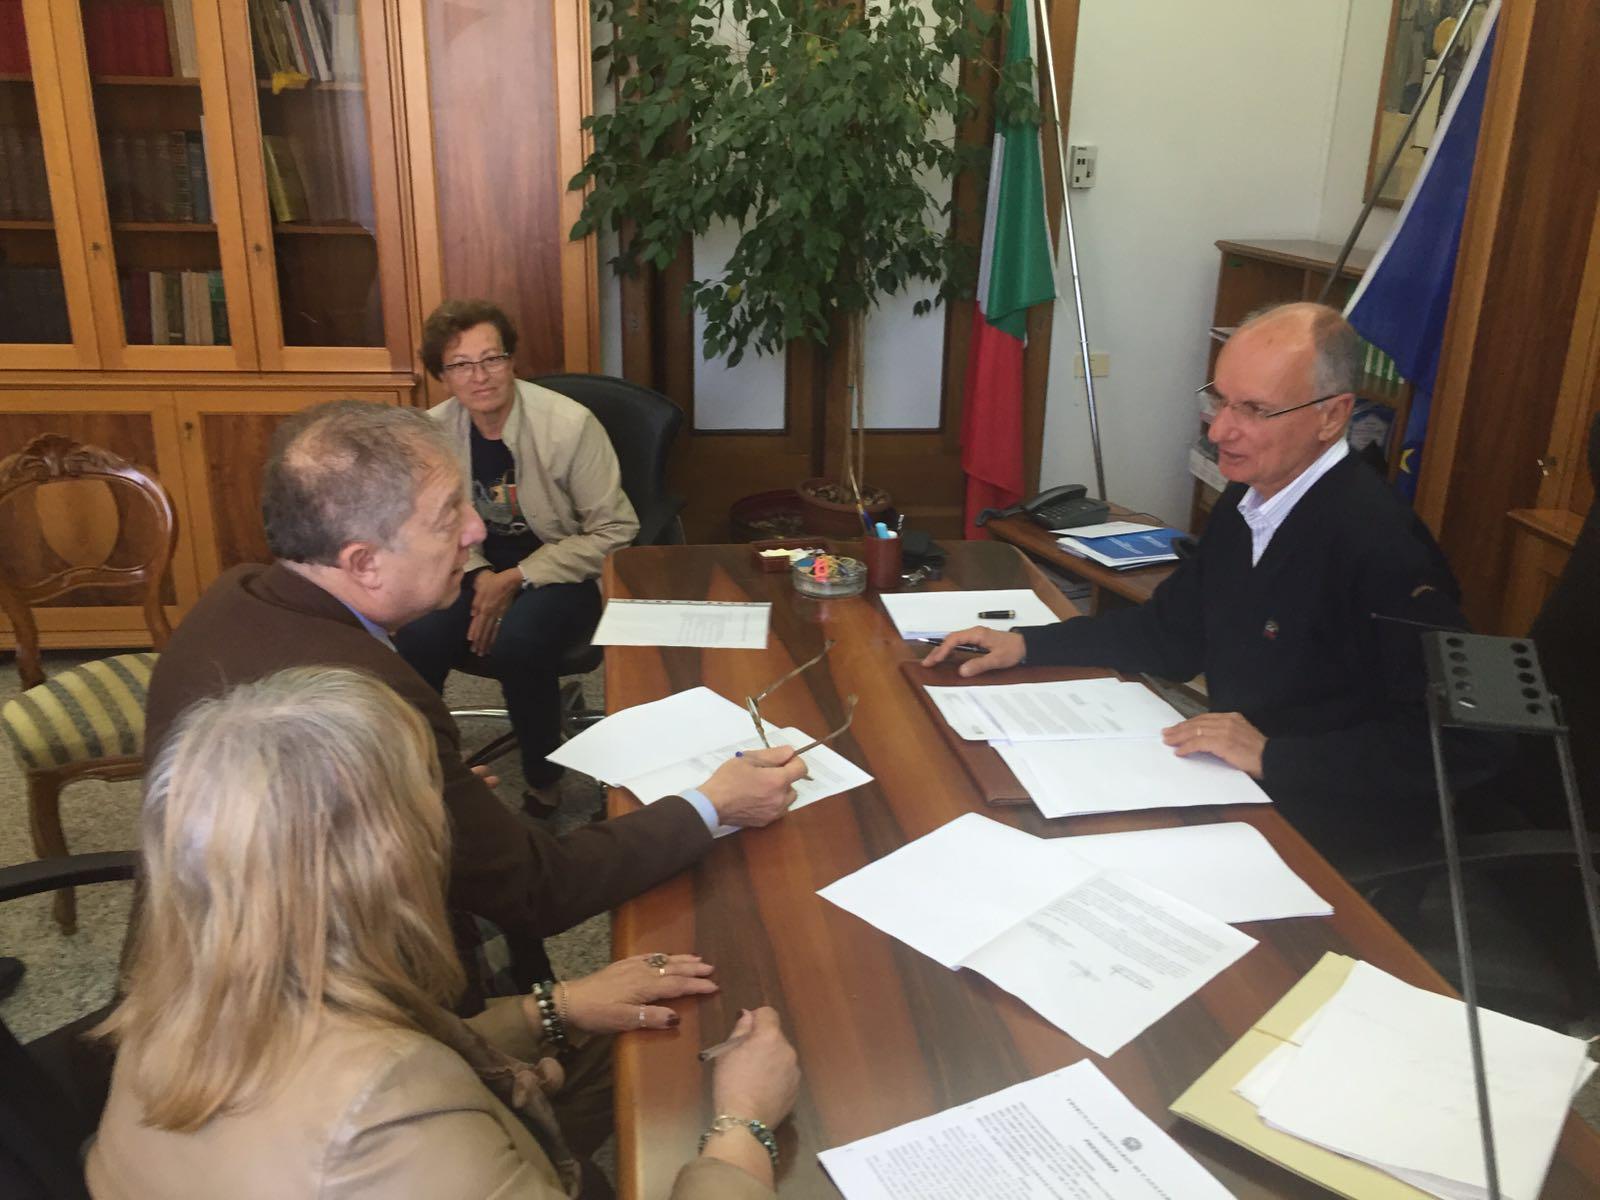 Ufficio Di Esecuzione Penale Esterna : Messa alla prova dell imputato studio legale petracca